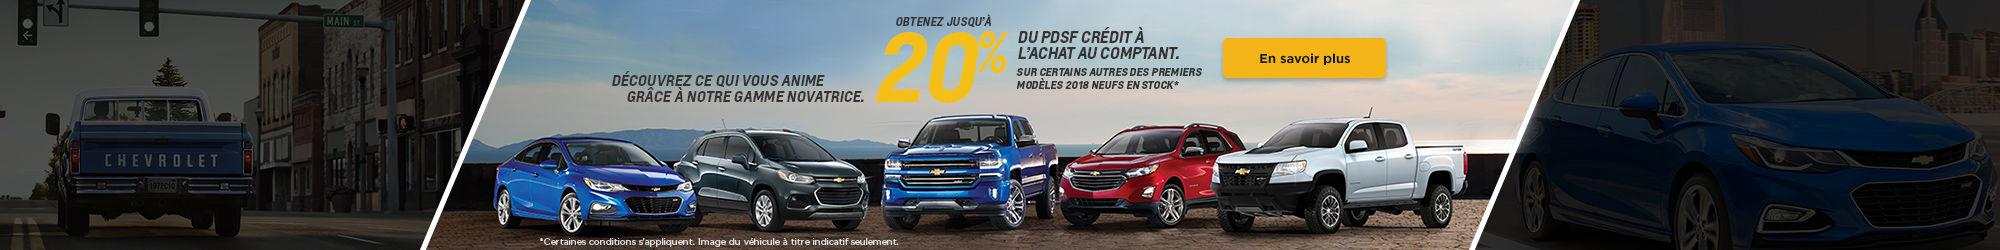 L'Événement mensuel Chevrolet